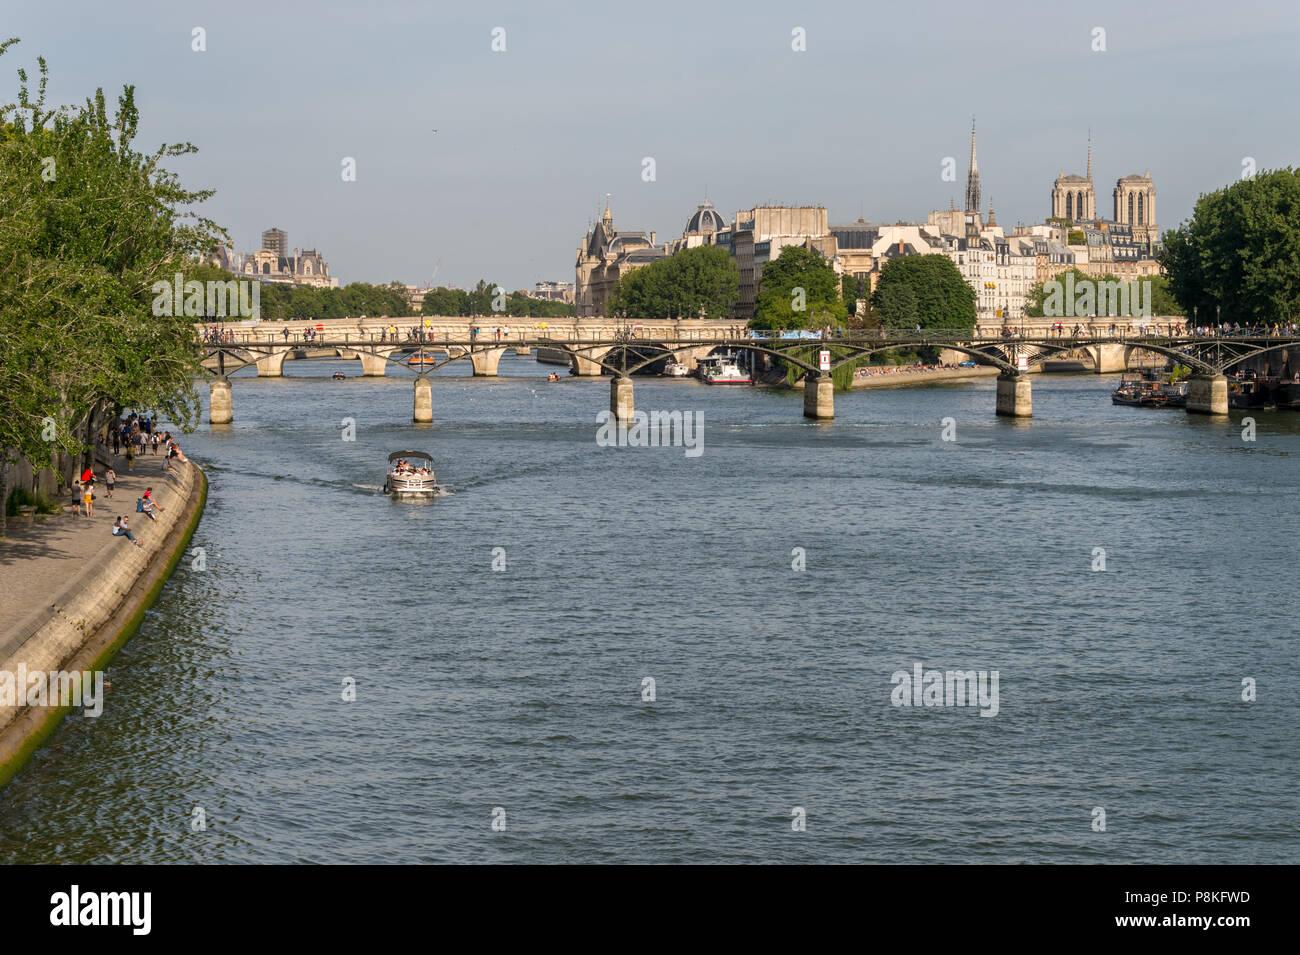 Paris, France - 24 June 2018: View of Pont des Arts, Ile de la Cité, and Notre-Dame Cathedral. - Stock Image